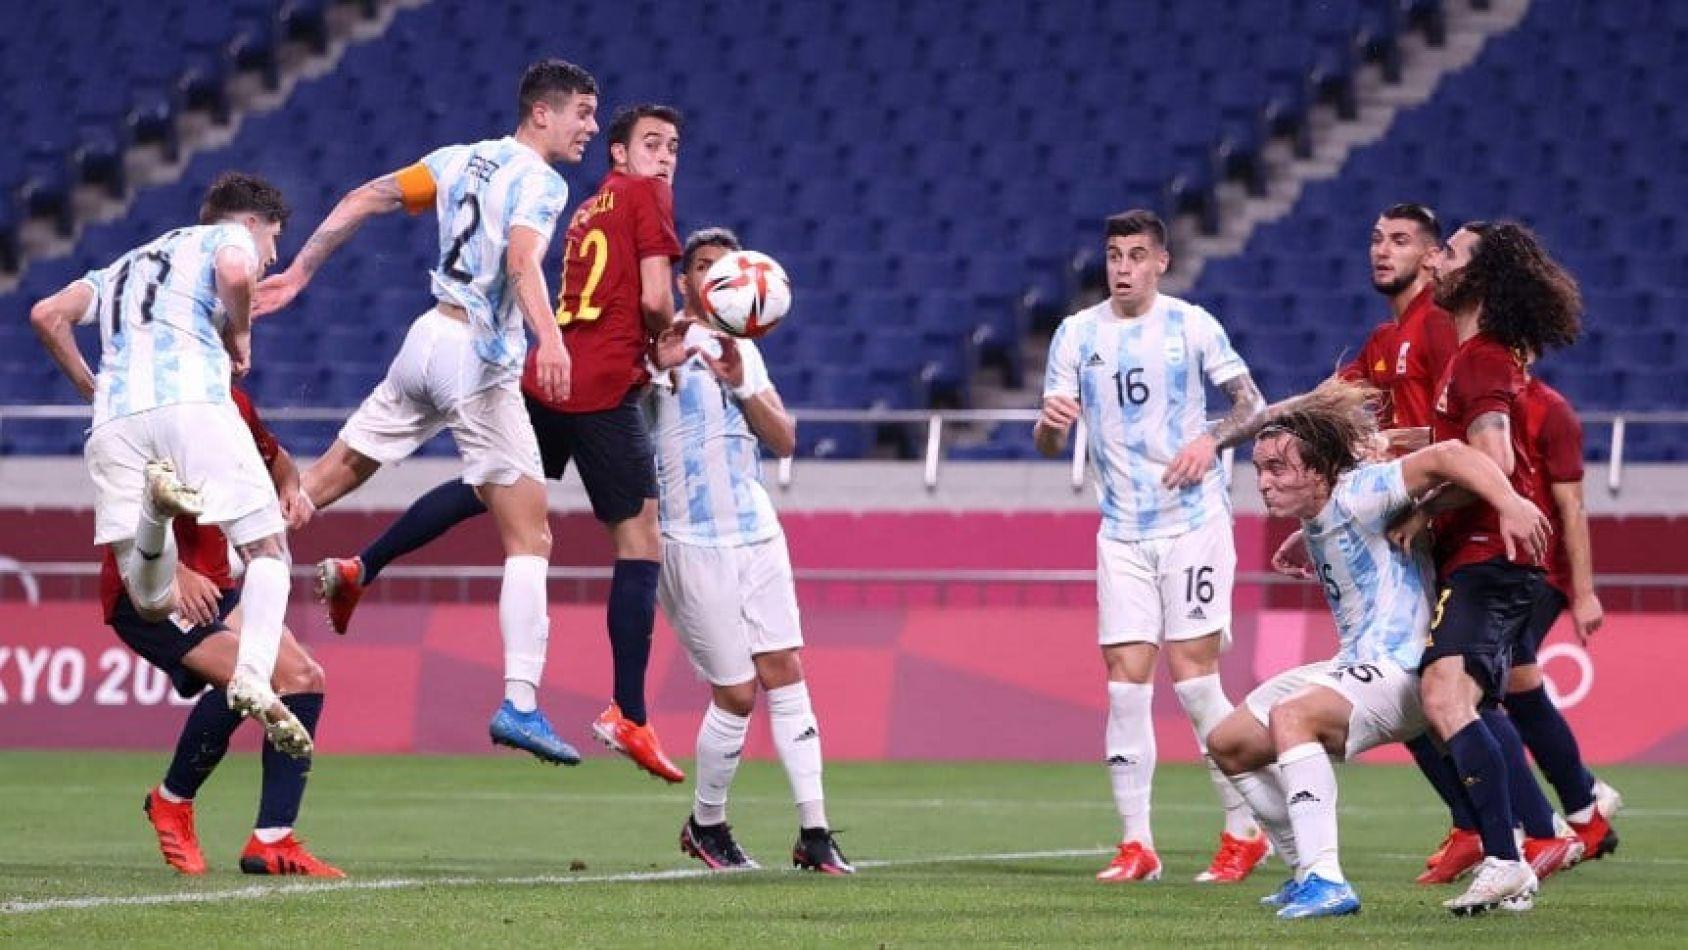 La Selección Argentina de fútbol masculino quedó eliminada de los Juegos Olímpicos